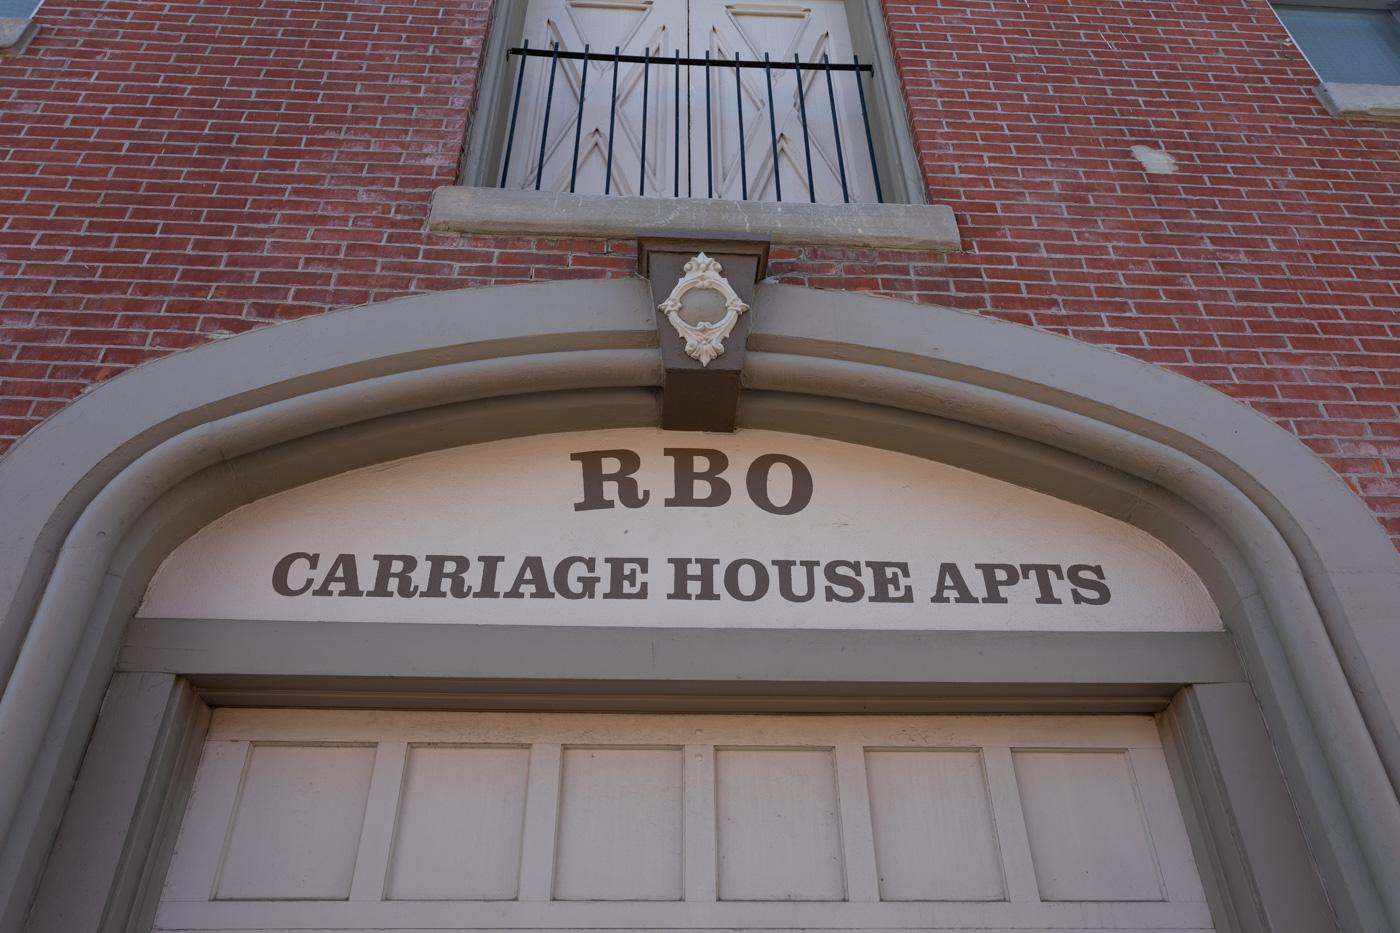 Carriage House Apts